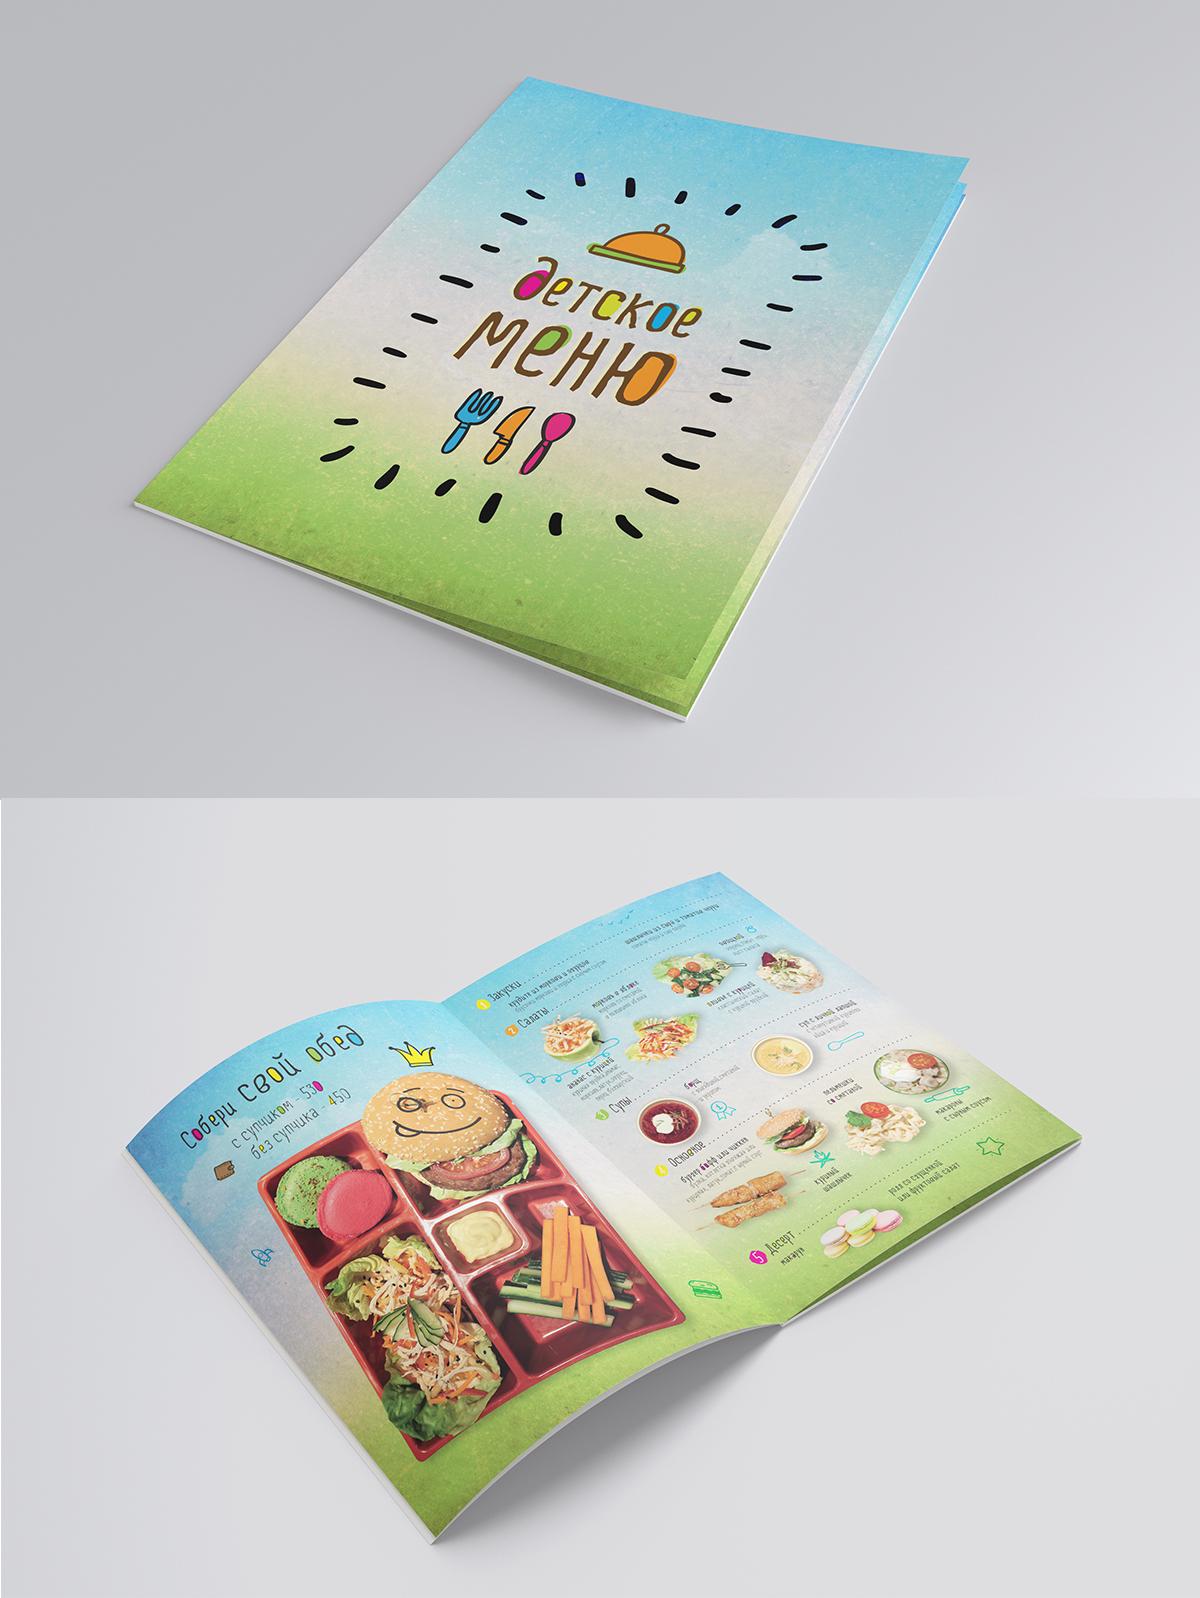 Детское меню